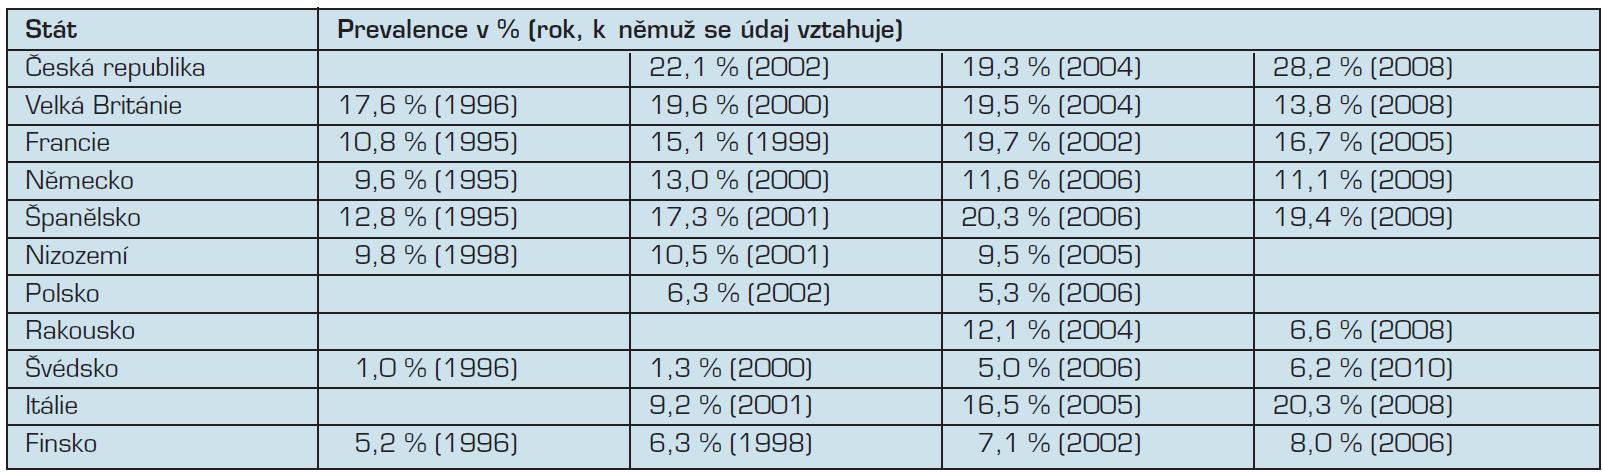 Užívání konopných drog ve vybraných evropských zemích, dospělá populace ve věku 15 až 34 let (prevalence užití za posledních 12 měsíců).